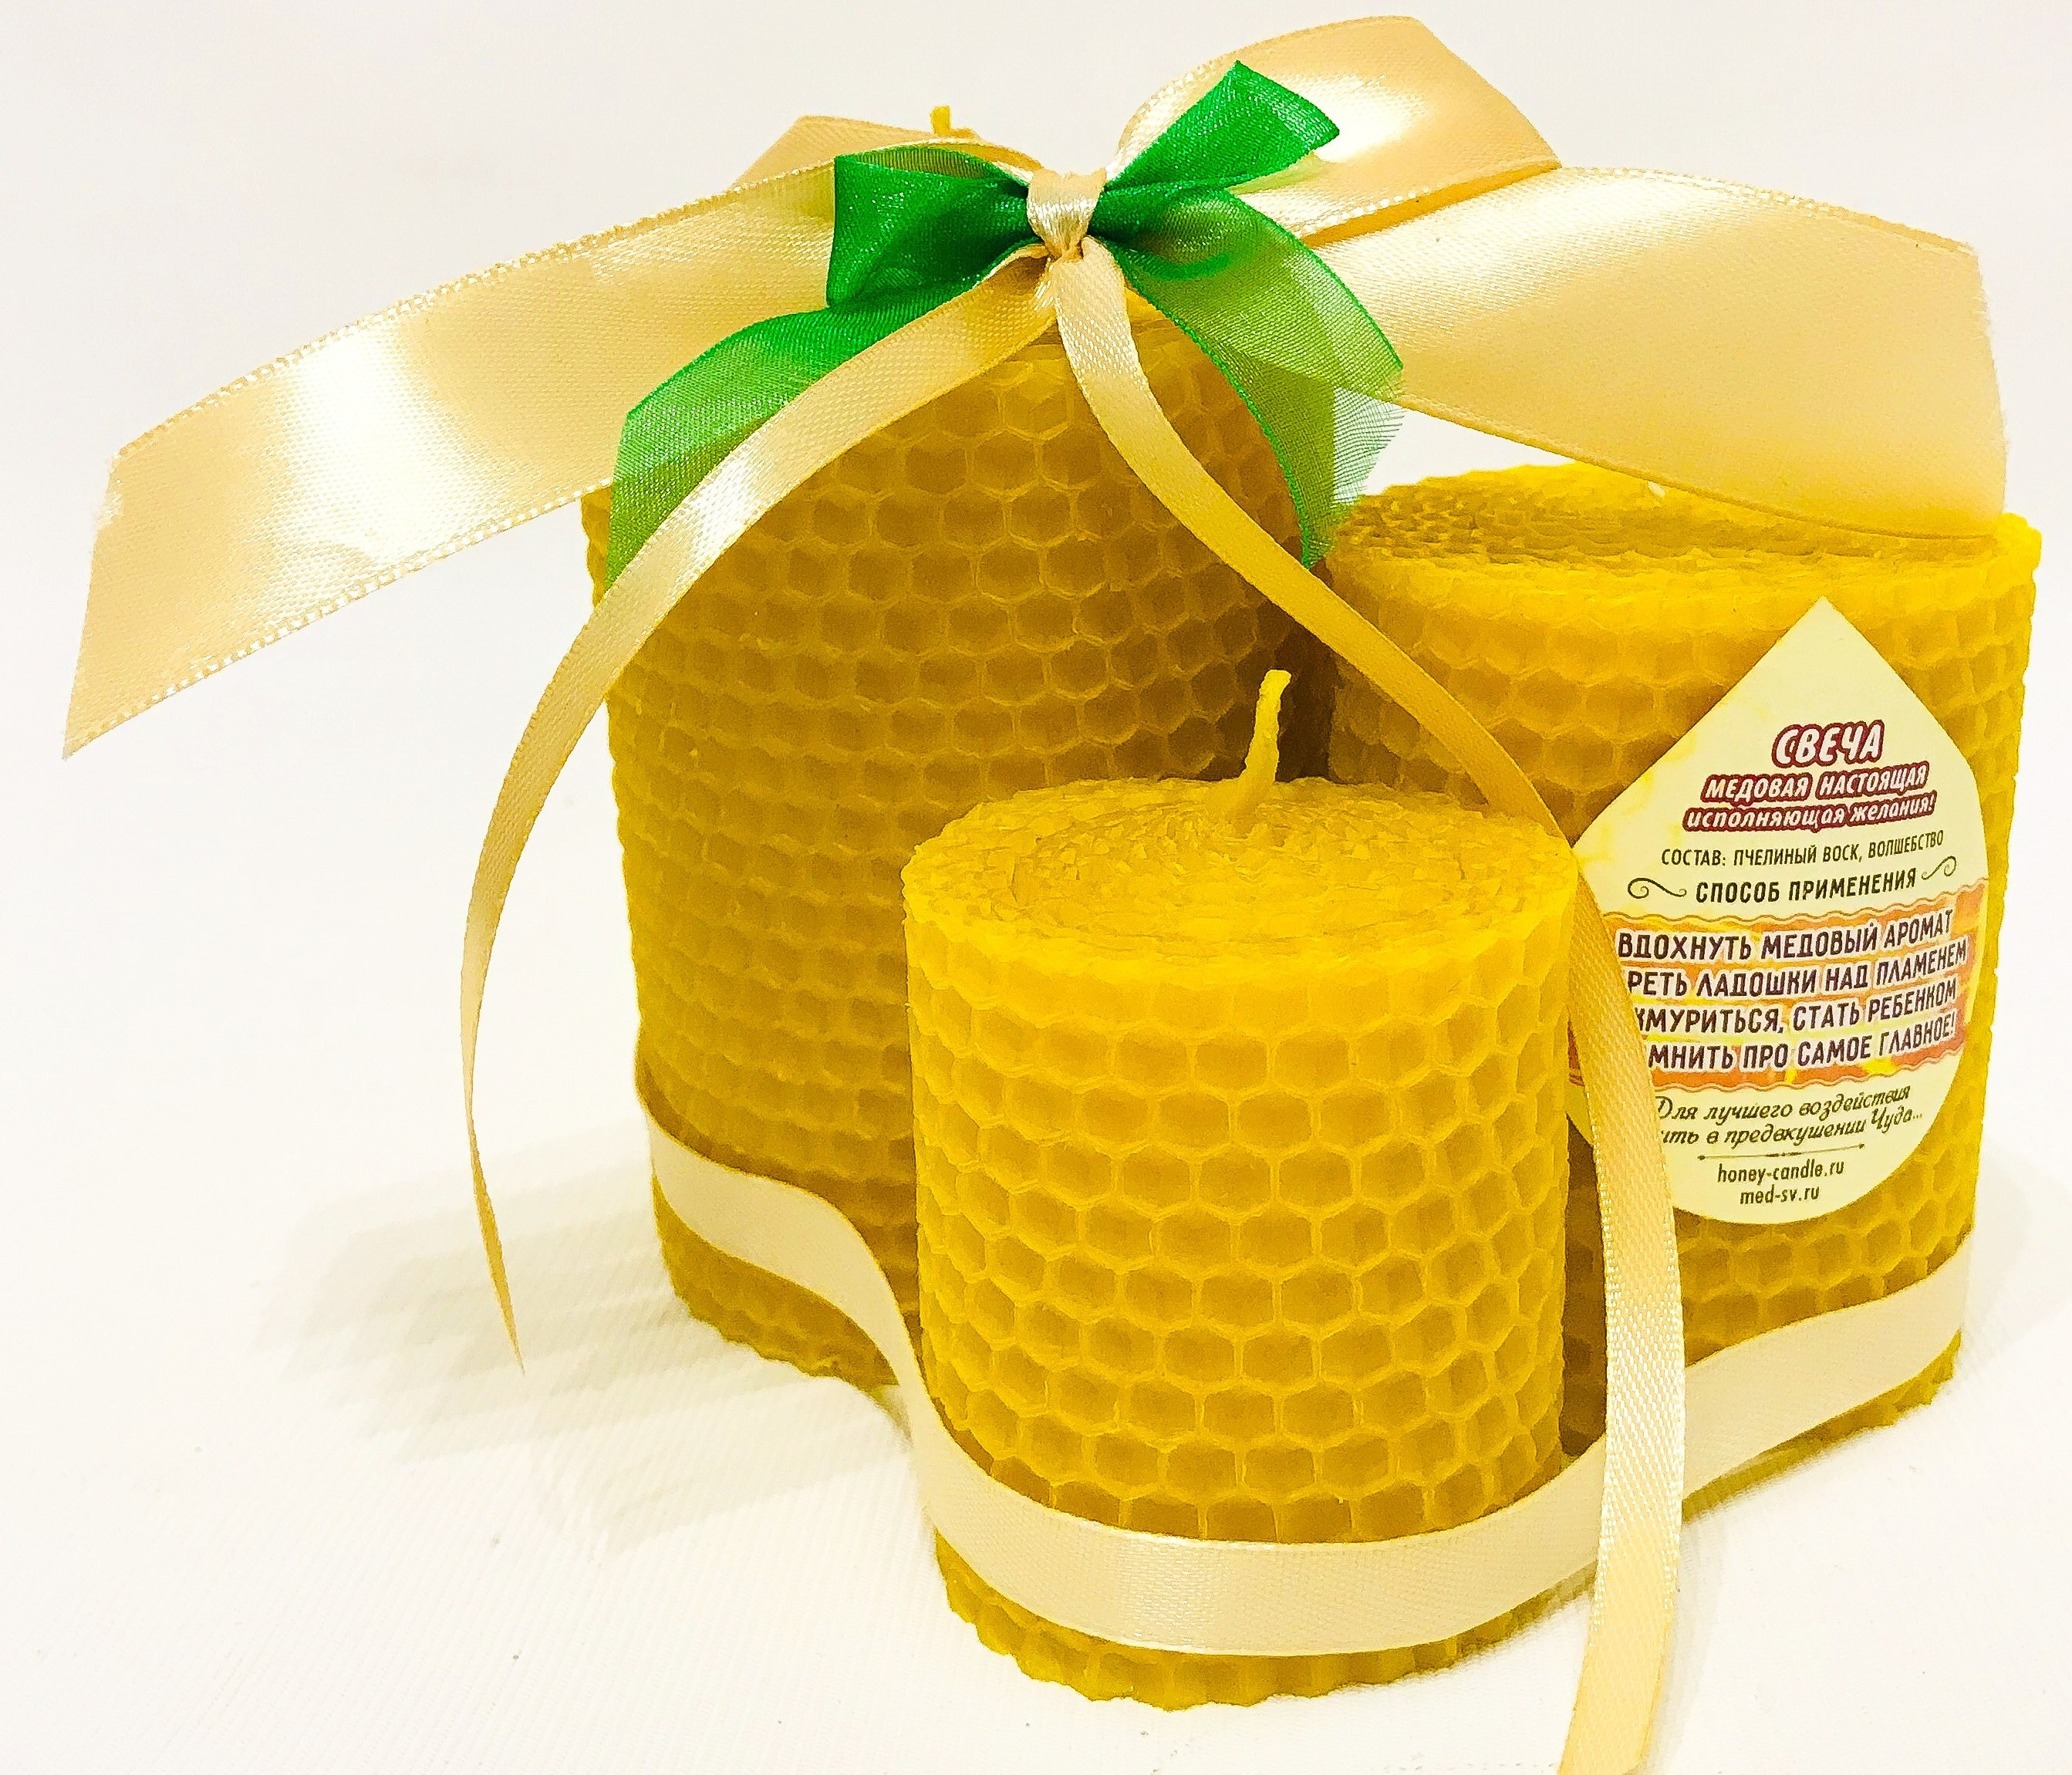 Массажная свеча своими руками из пчелиного воска 24